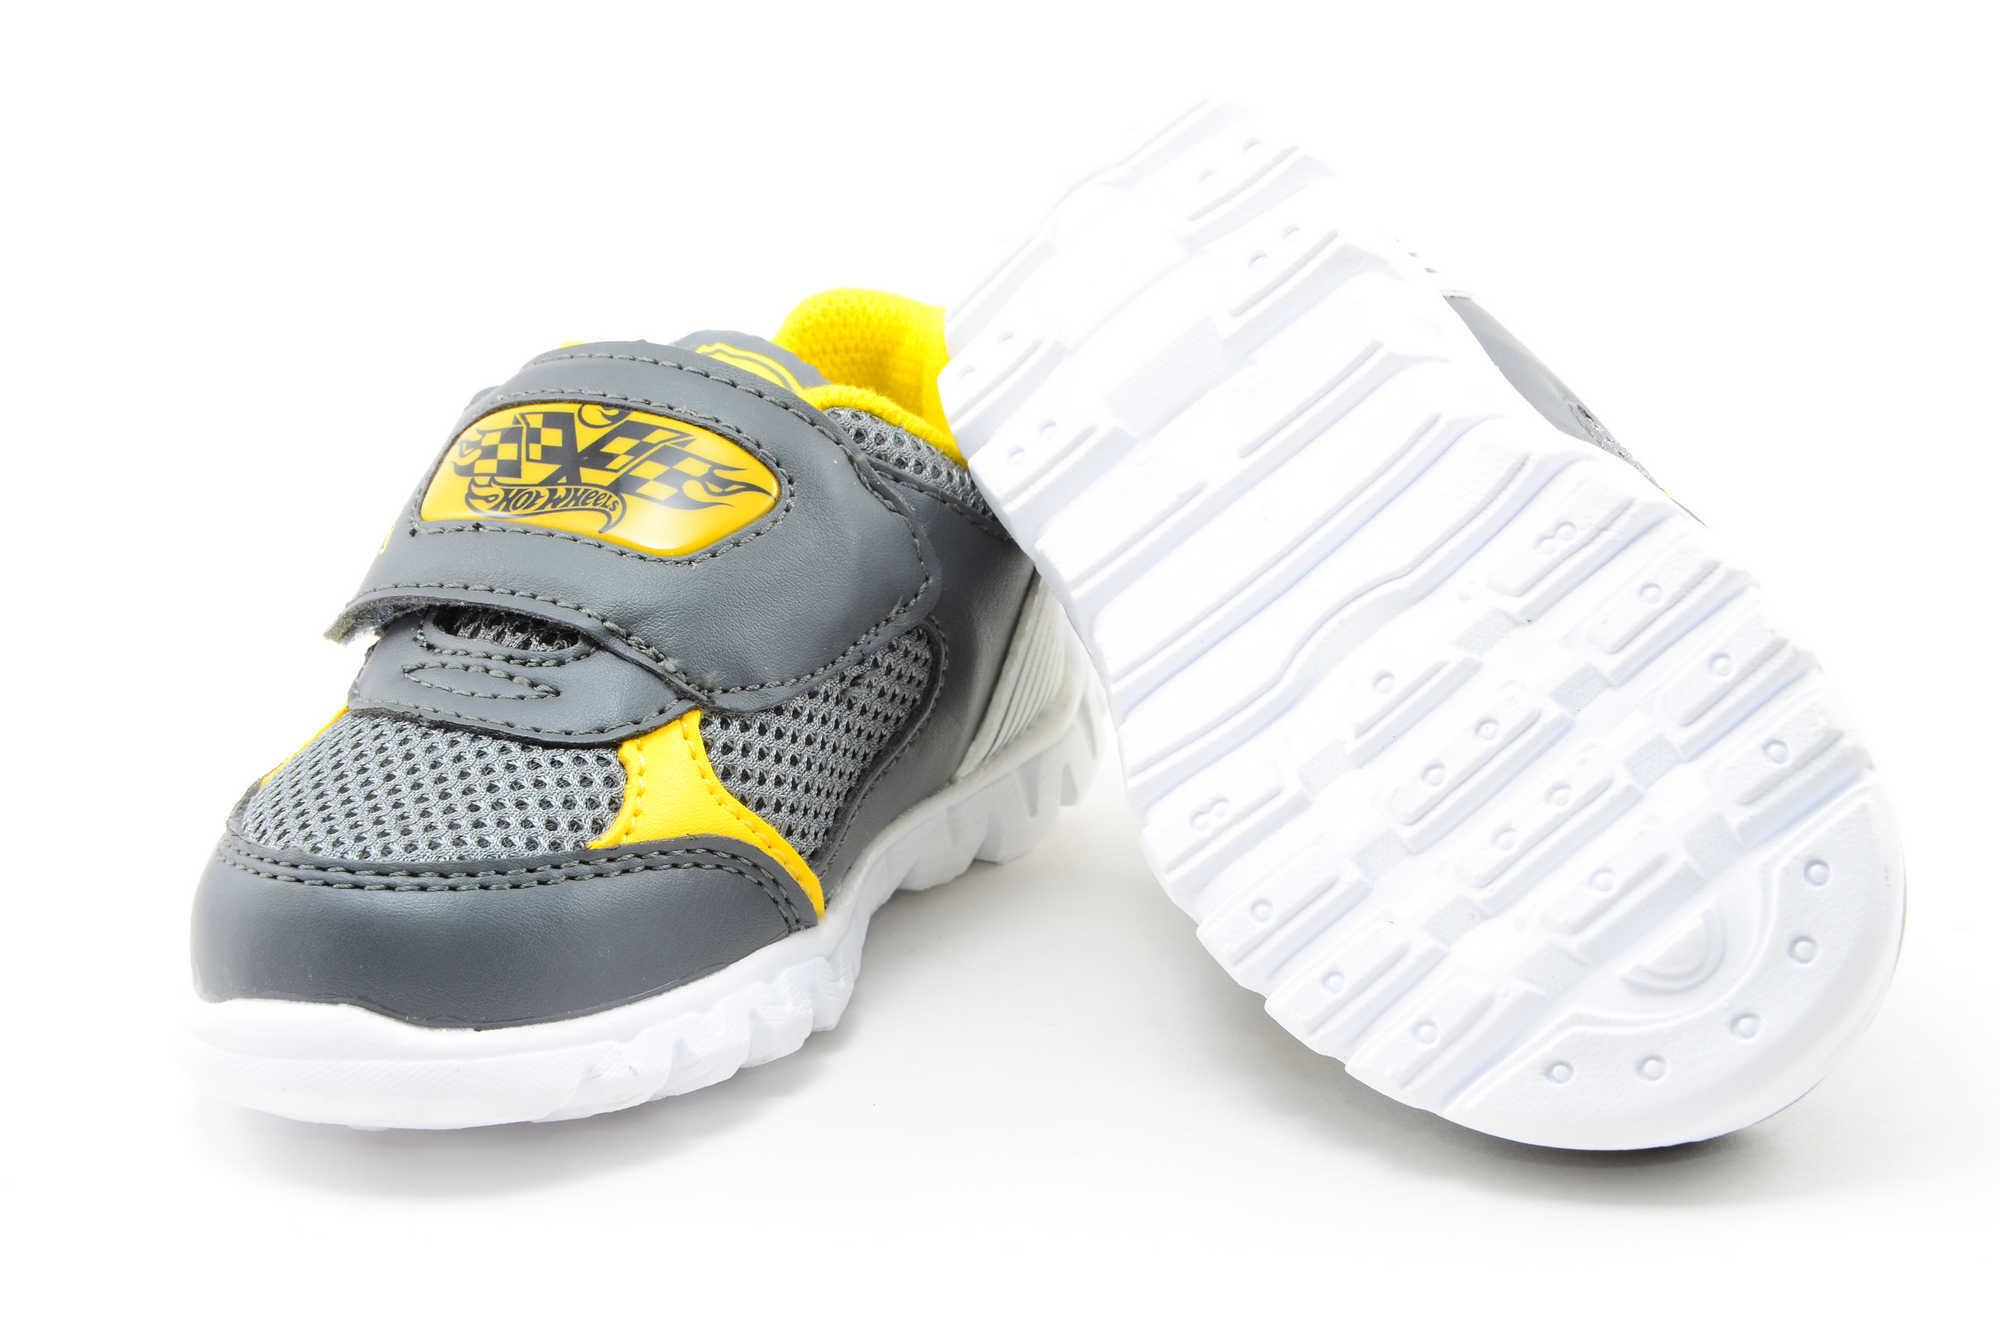 Светящиеся кроссовки для мальчиков Хот Вилс (Hot Wheels), цвет темно серый, мигают картинки сбоку и на липучках